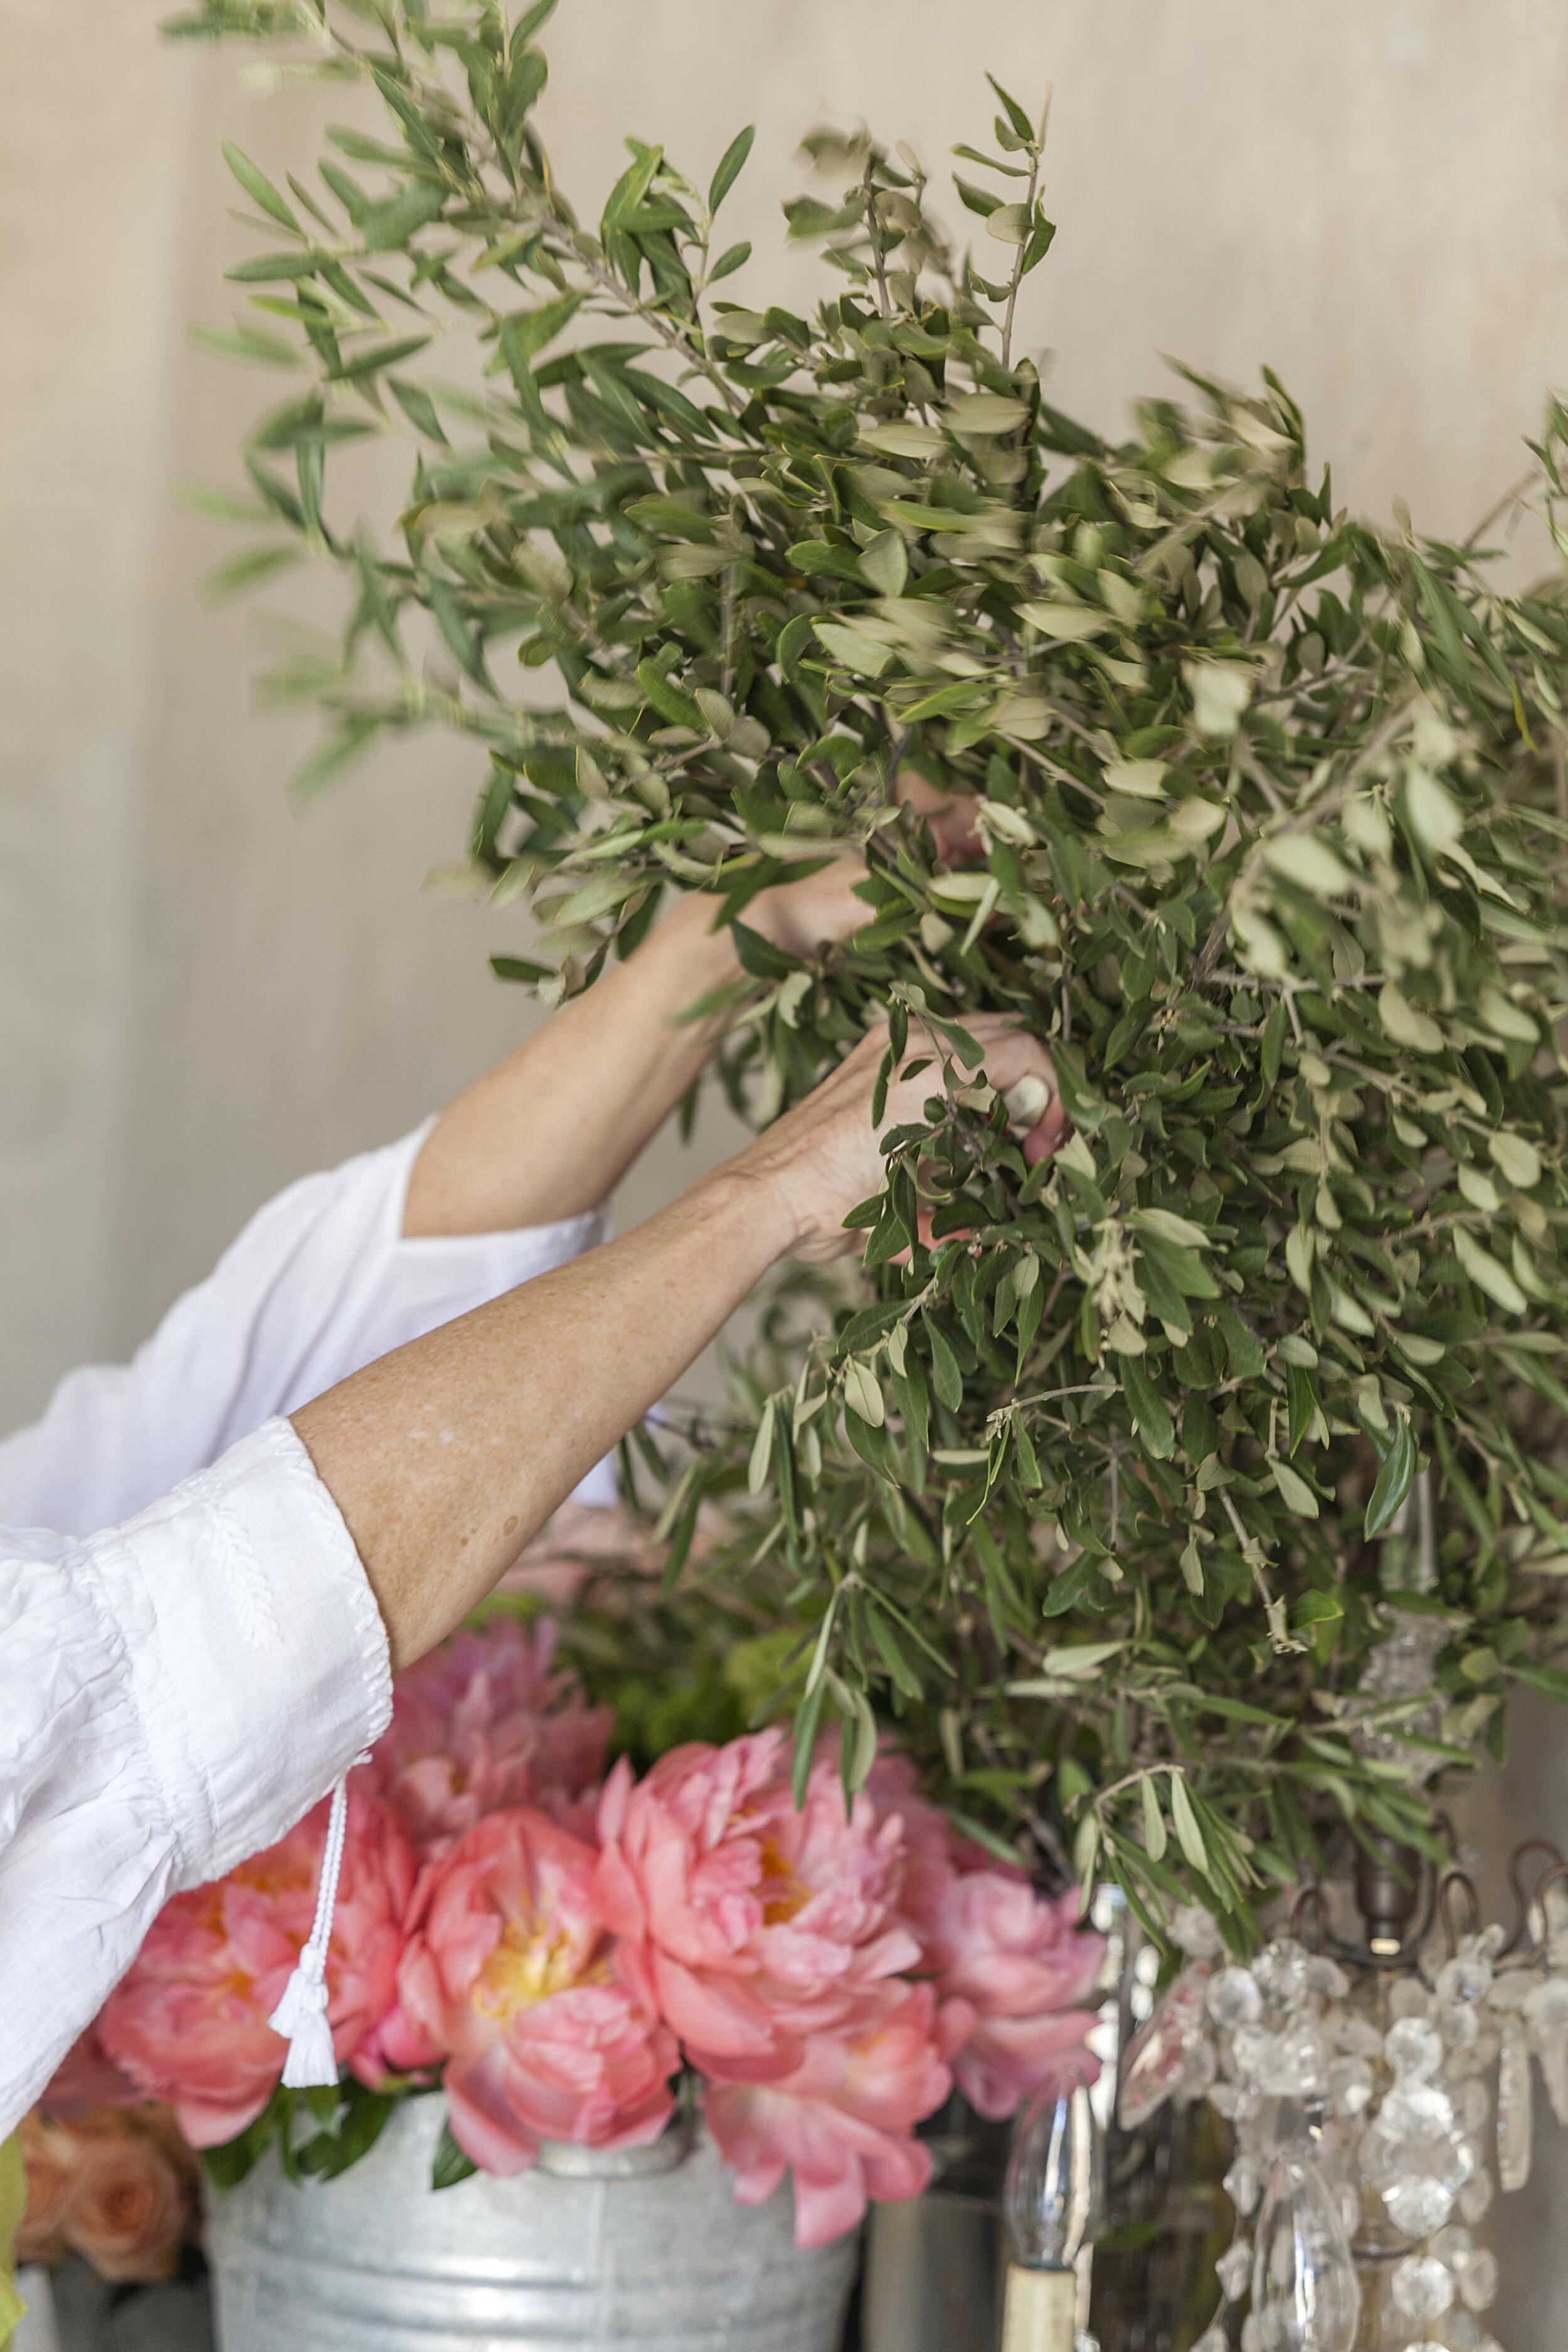 private-floral-design-workshop-lesfleurs-andover-ma (1).jpg